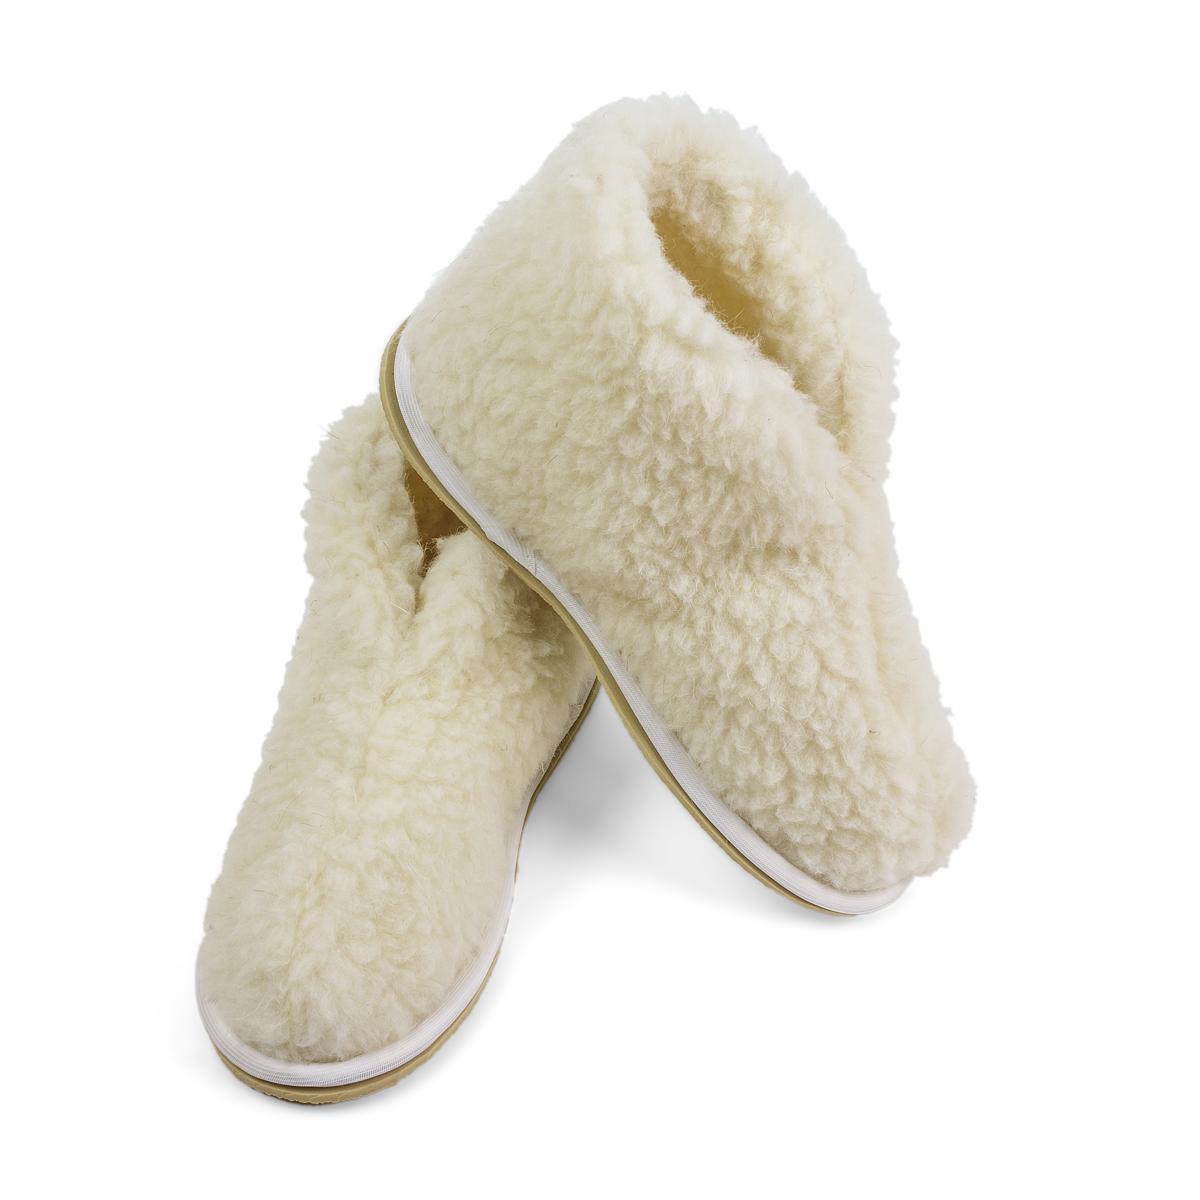 Обувь Бабуши Уют Белый р. 40-41Согревающий<br><br><br>Тип: Обувь<br>Размер: 40-41<br>Материал: Овечья шерсть